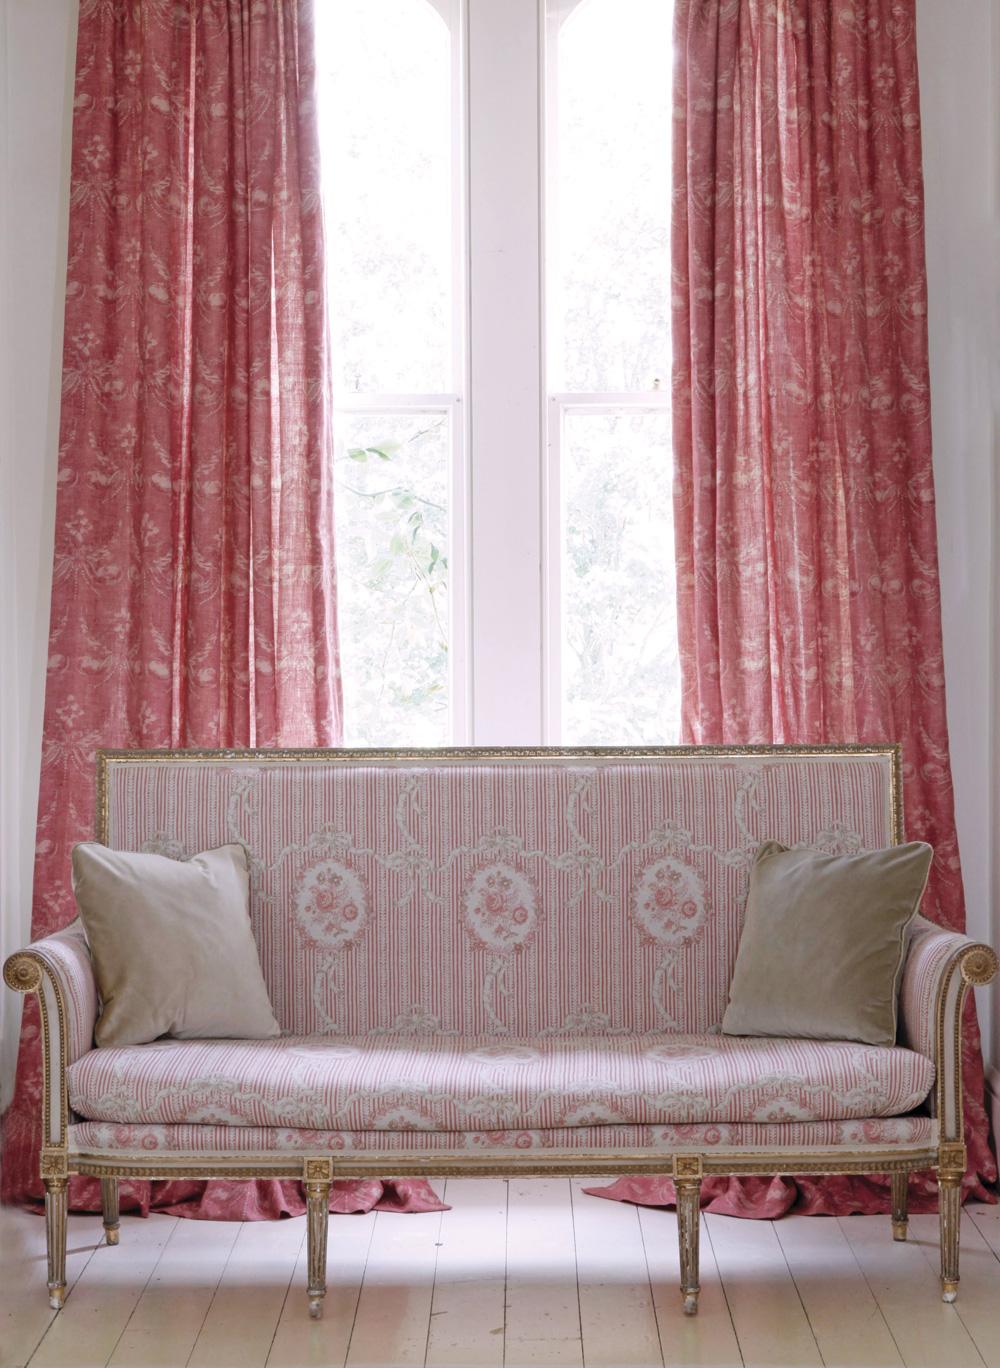 Cameo-&-Ribbons-Tuscan-Pink-Sofa